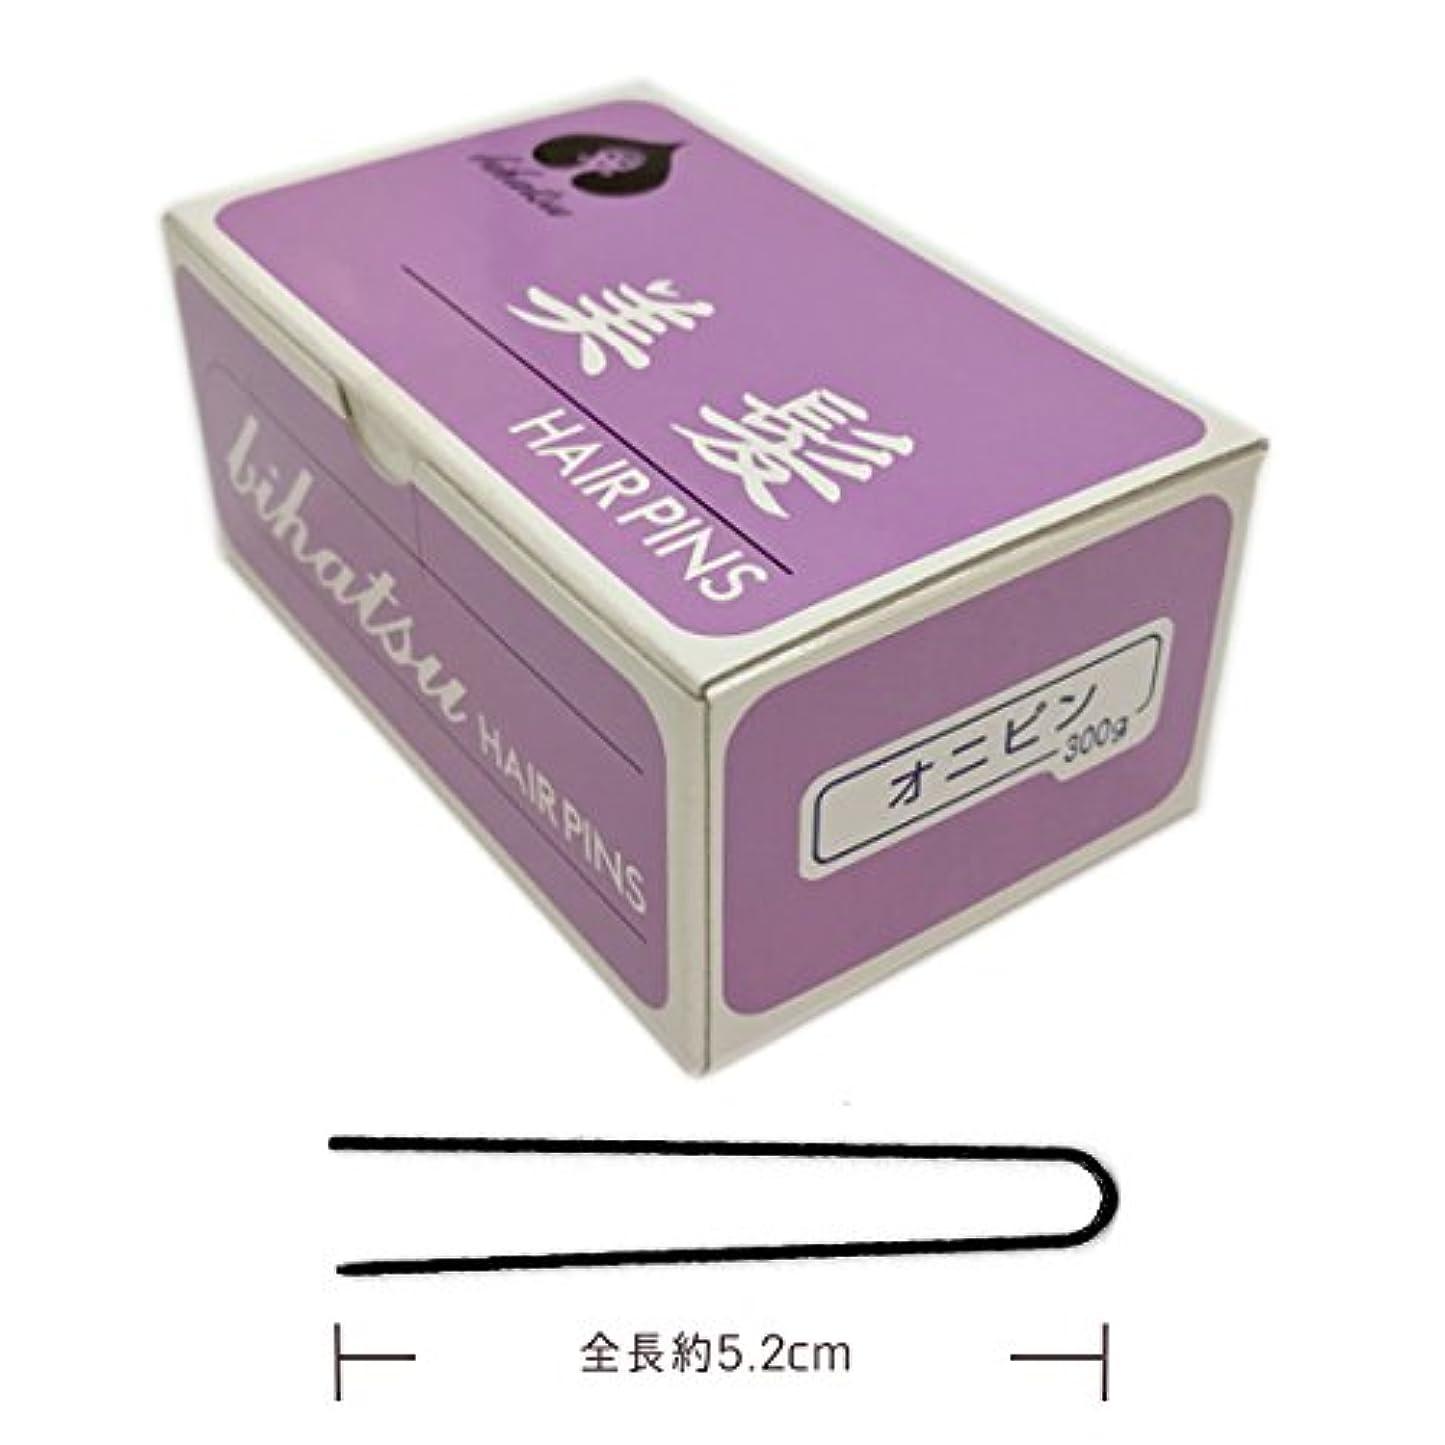 重々しいびっくりする五十ヒラヤマ ビハツ オニピン (美髪) 300g約560本入